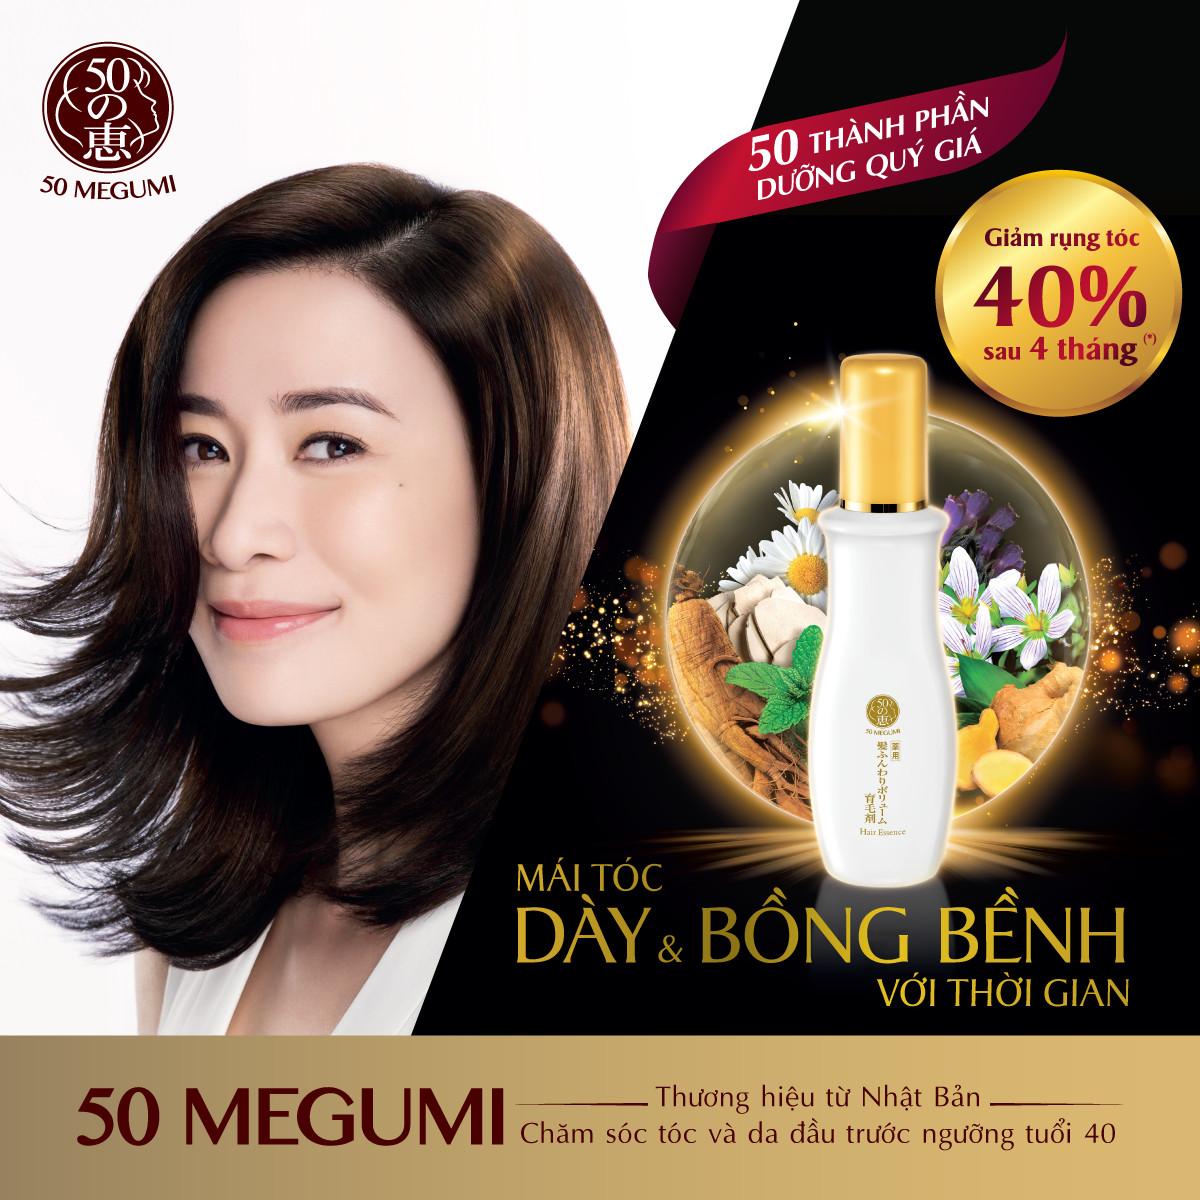 Tinh Chất Dưỡng Và Ngăn Rụng Tóc 50 Megumi Hair Essence